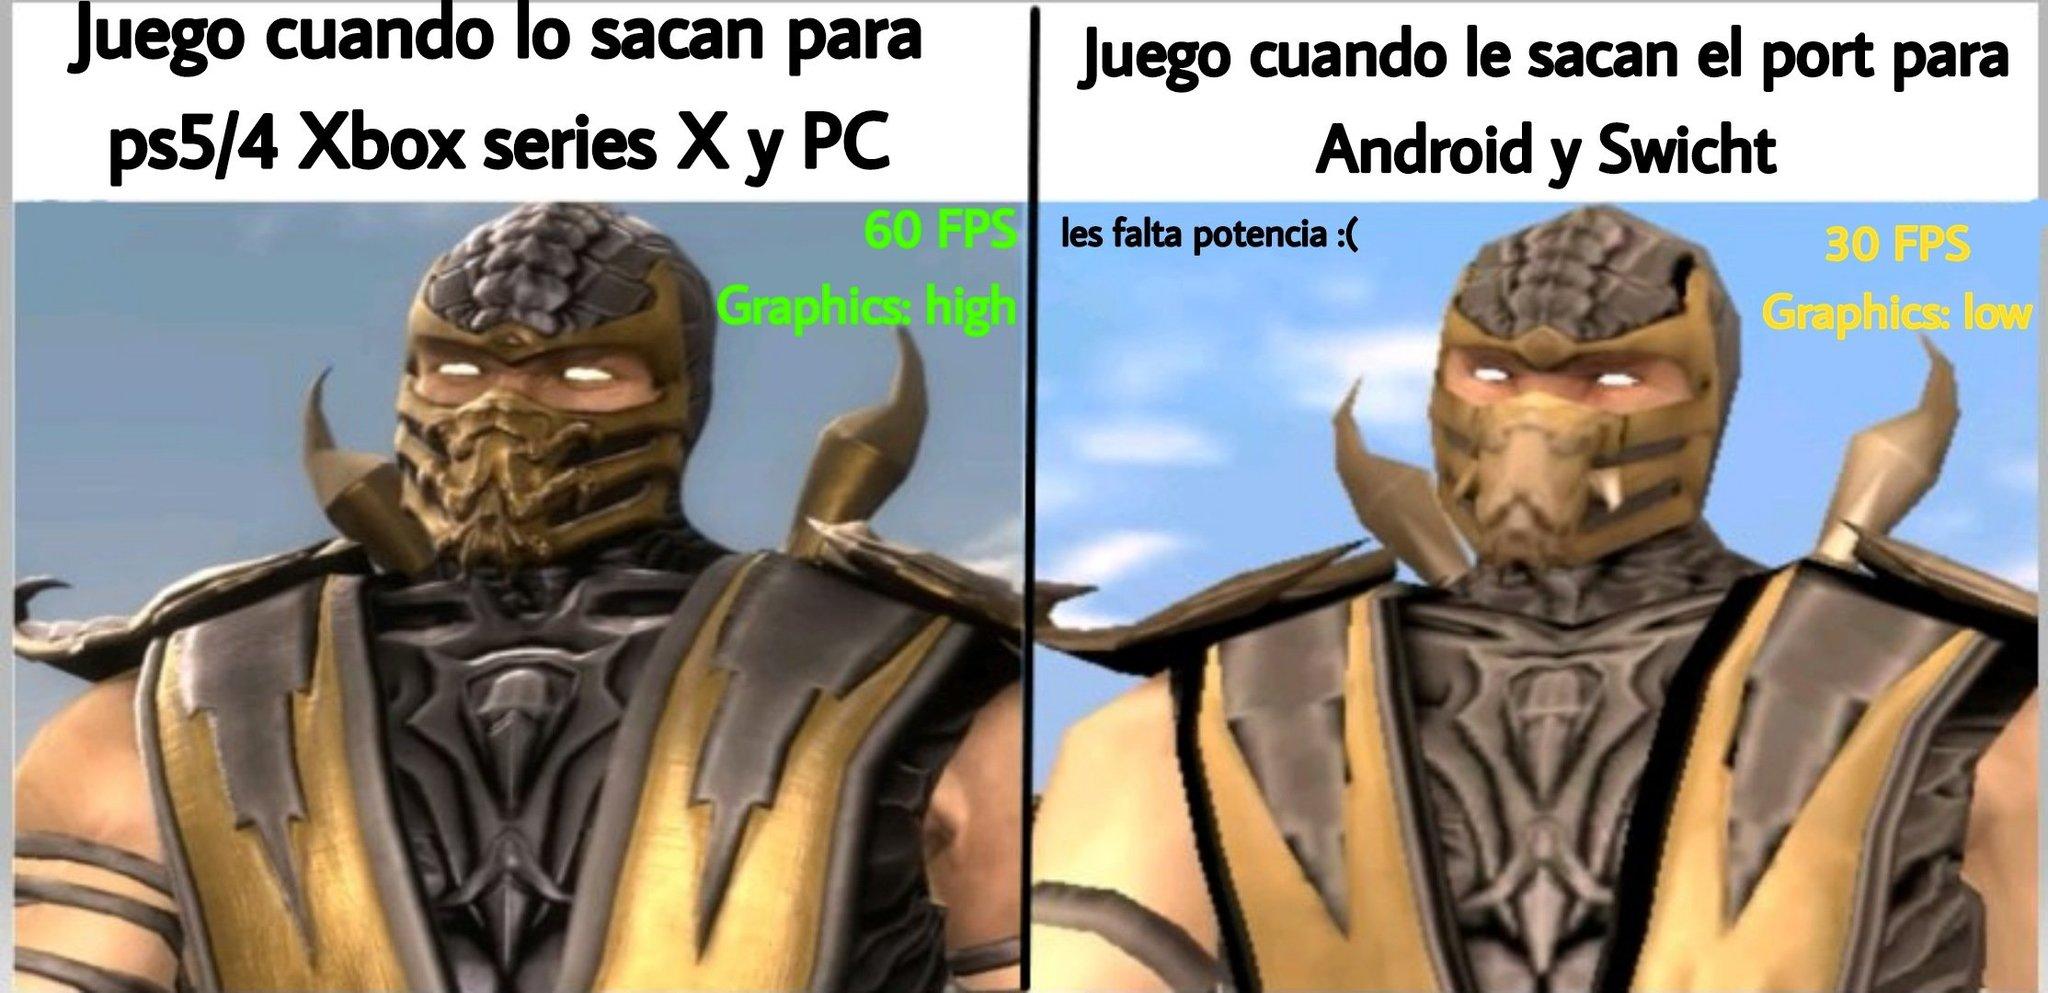 Obviamente les falta a los dos pa llegar a los que son PS4/5 y PC - meme